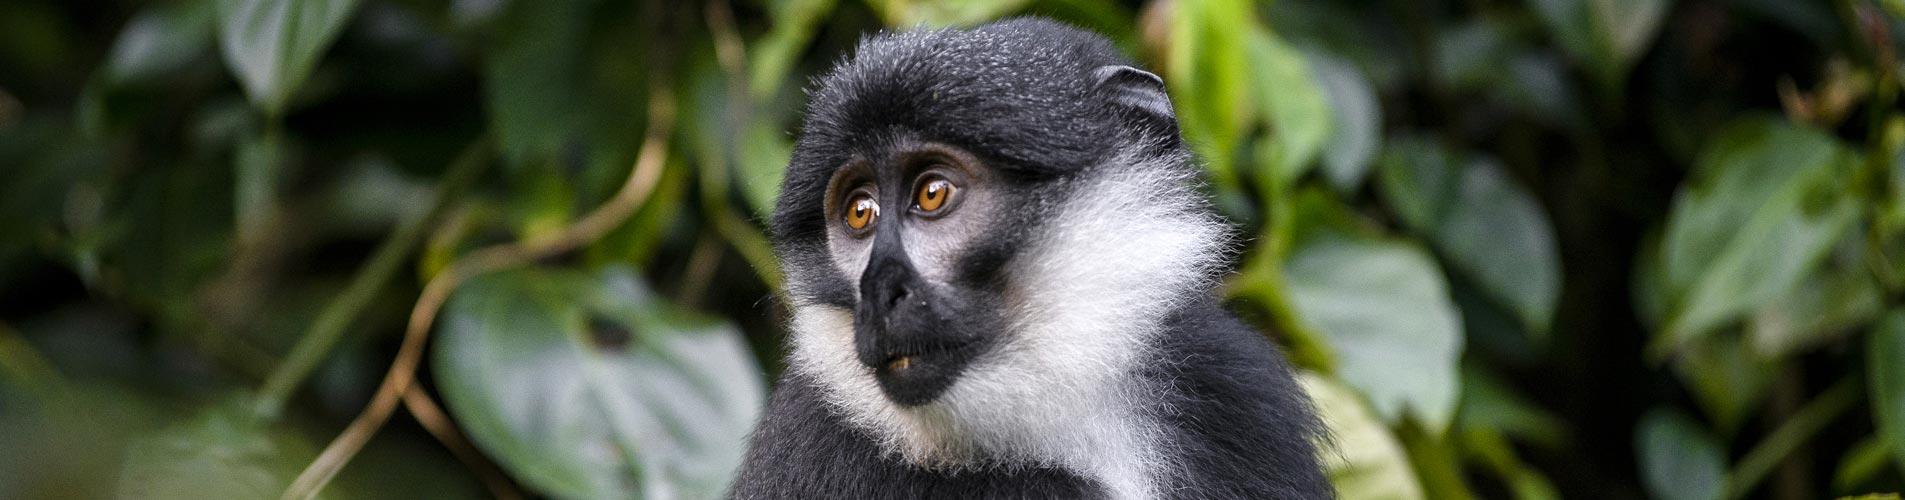 Spectacular Primates Of Uganda